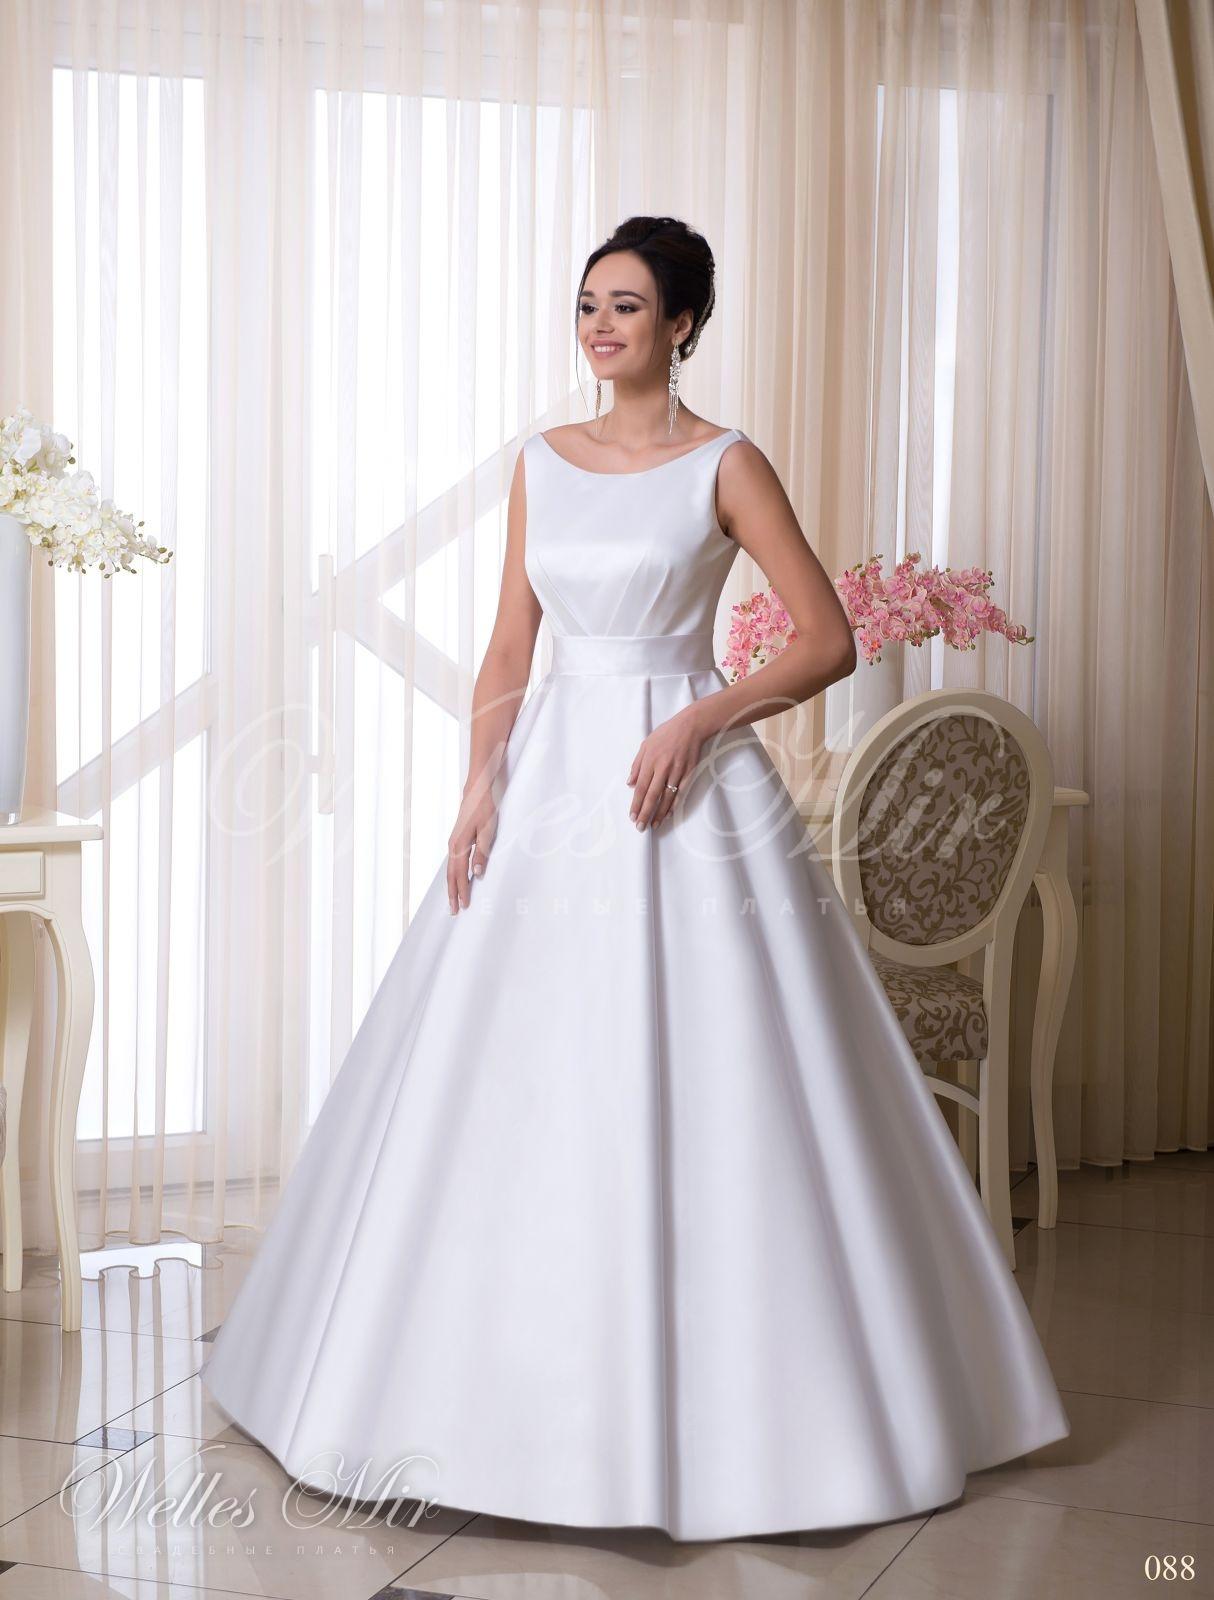 Свадебные платья Charming Elegance - 088